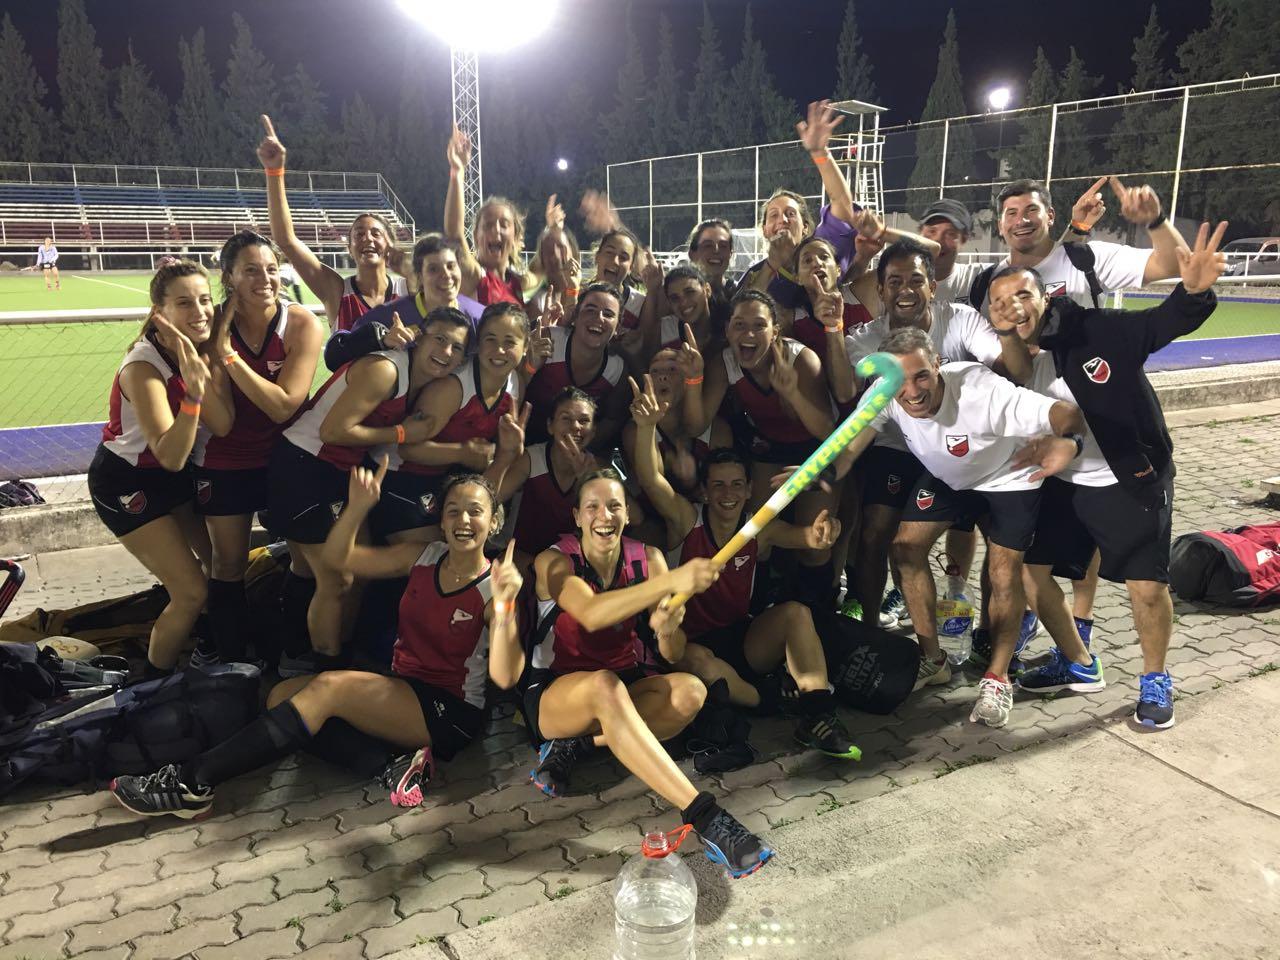 El equipo marplatense celebrando la importante victoria frente a Bahía Blanca.